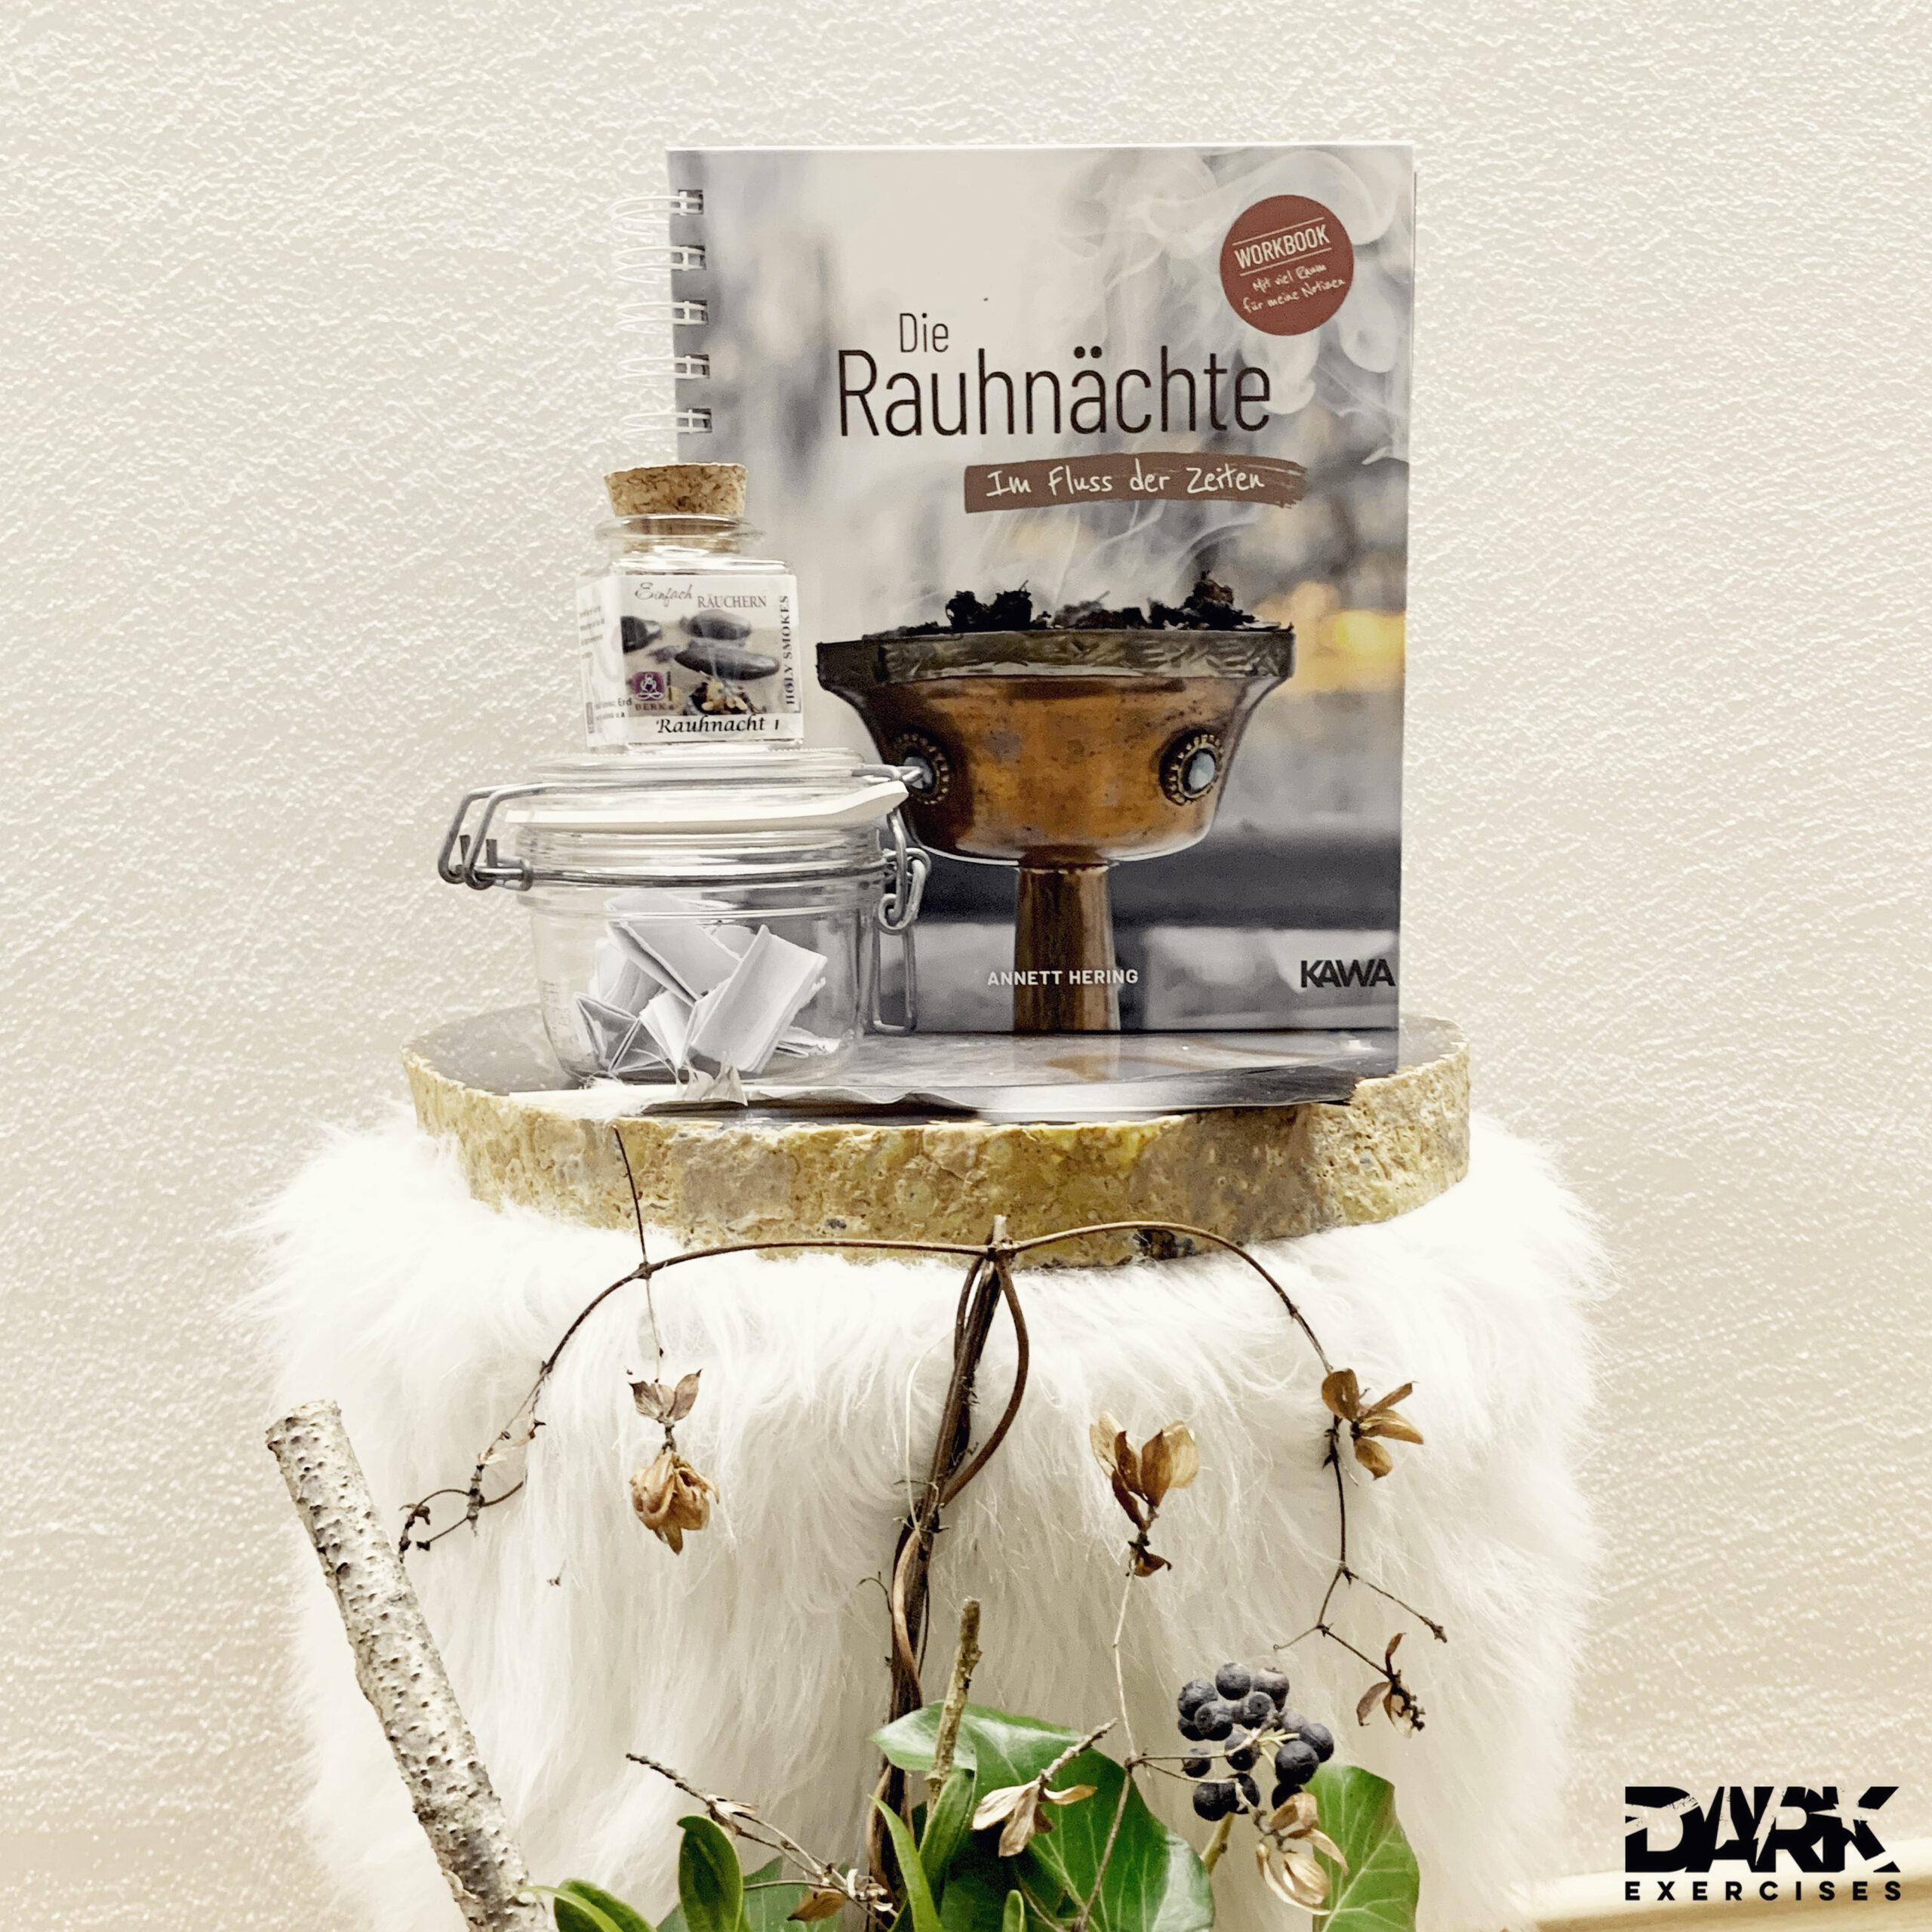 """""""Mein Herz brennt"""" - magic of the """"Rauhnächte"""" Workbook"""